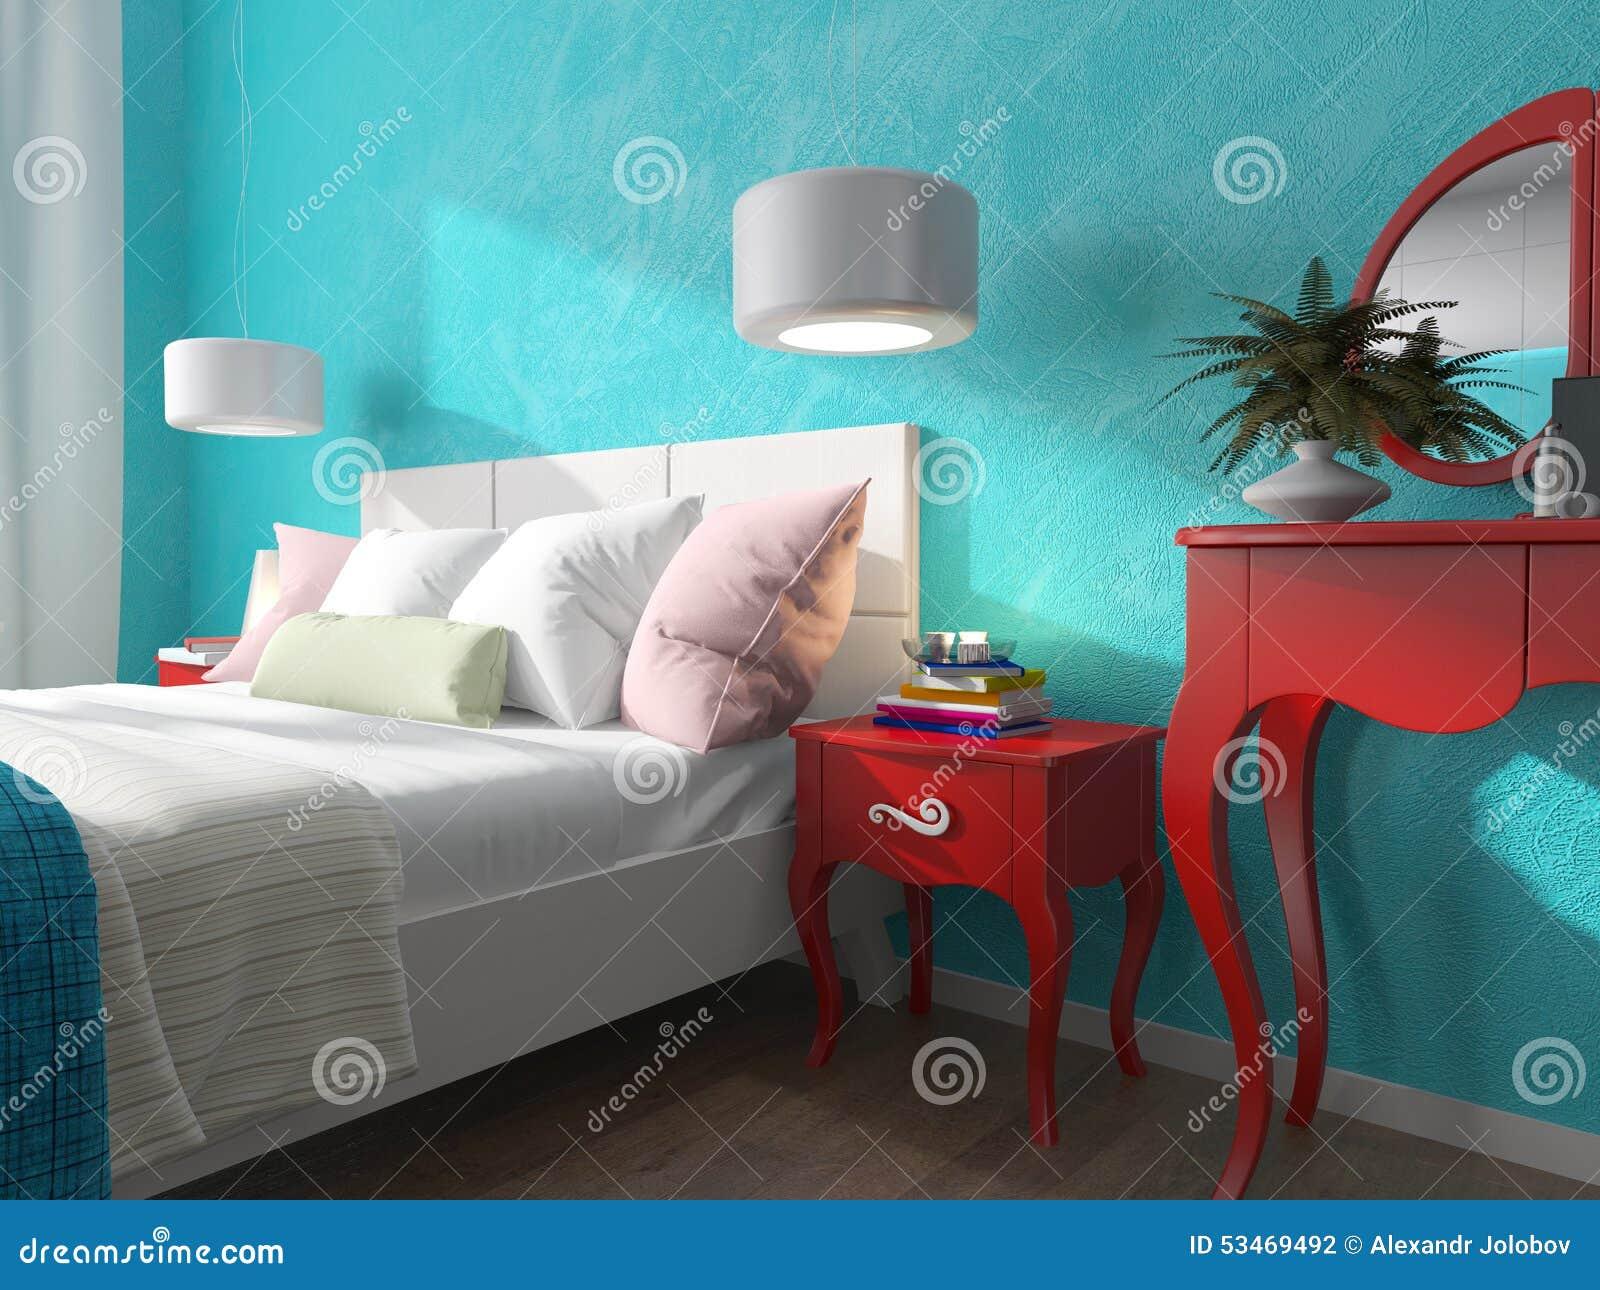 Illustration d'intérieur de chambre à coucher dans une turquoise ...